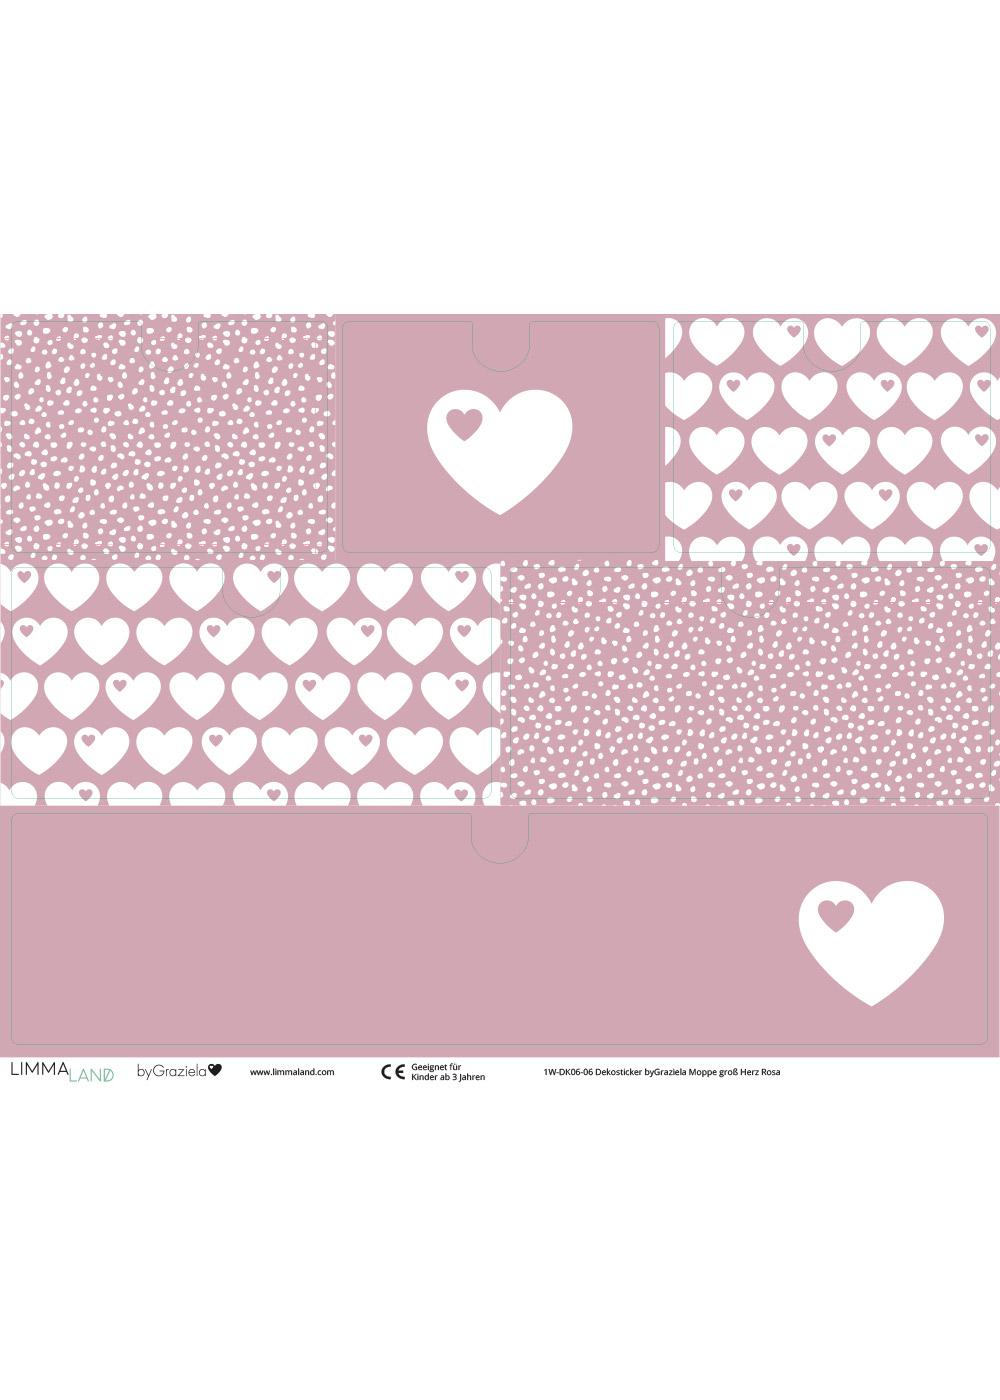 Klebefolie Ikea Moppe Kommode ByGraziela Druckvorlage